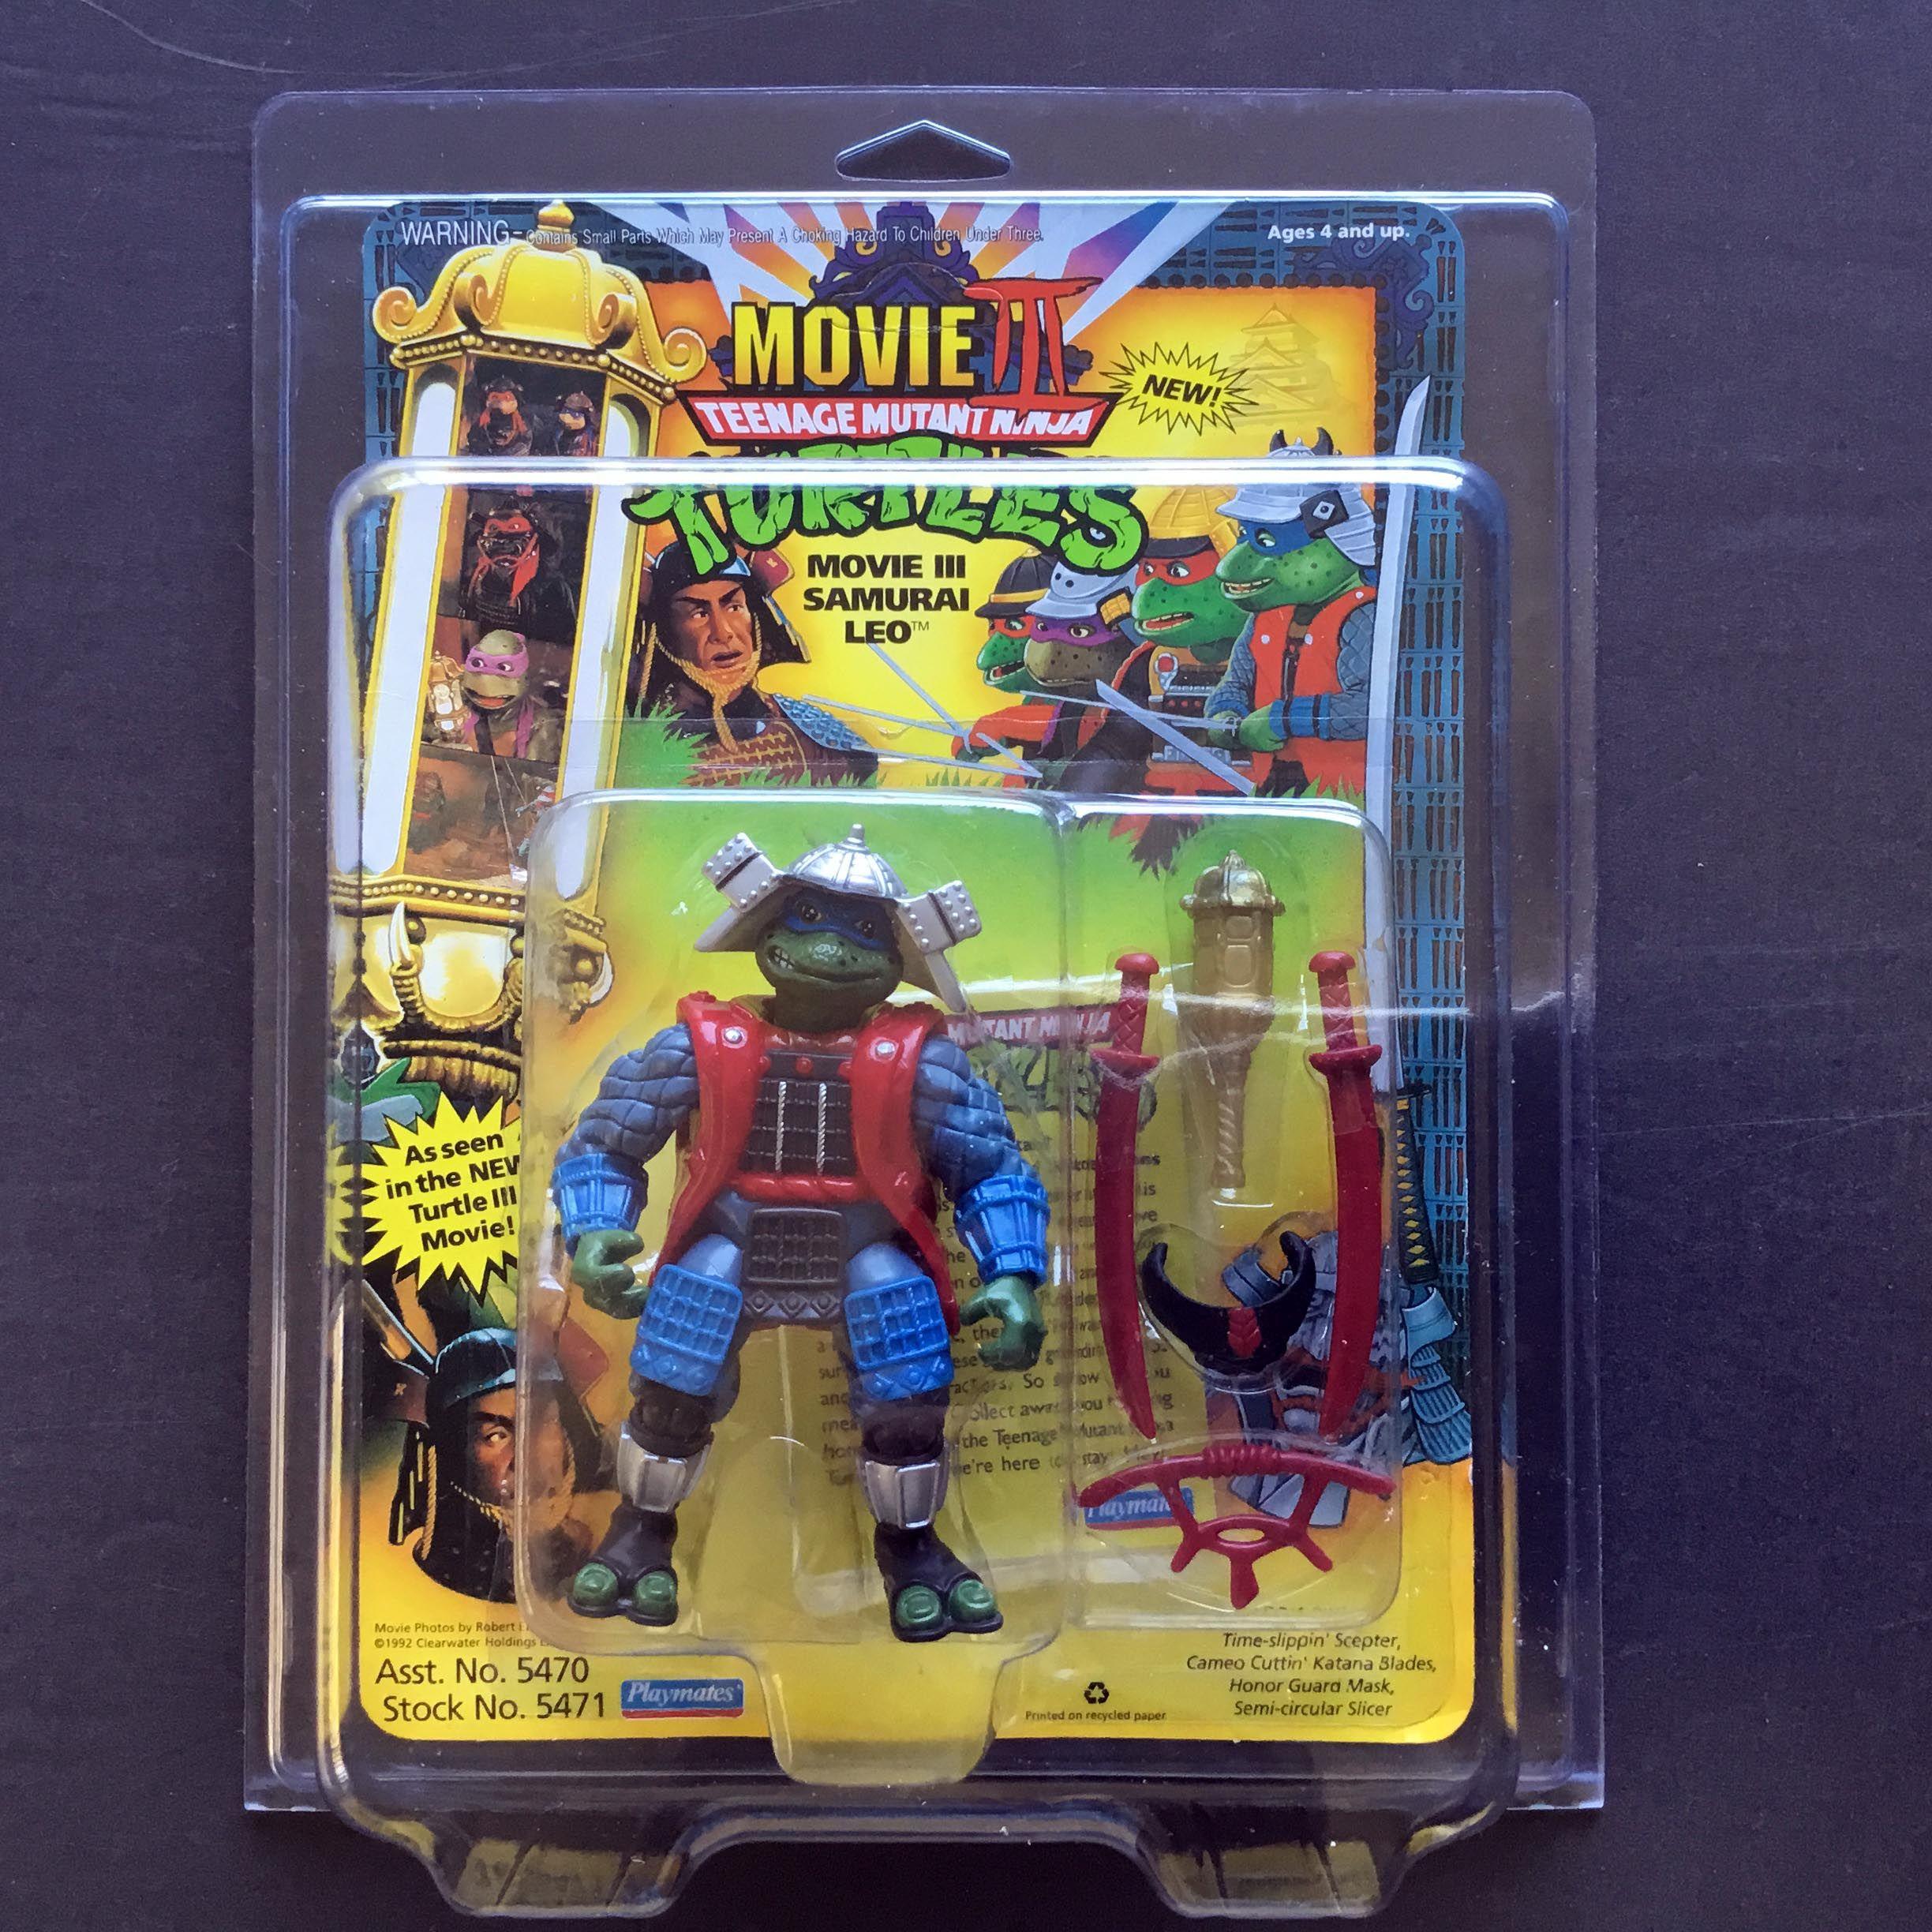 Movie Iii Samurai Leo Teenage Mutant Ninja Turtles Toy Tmnt